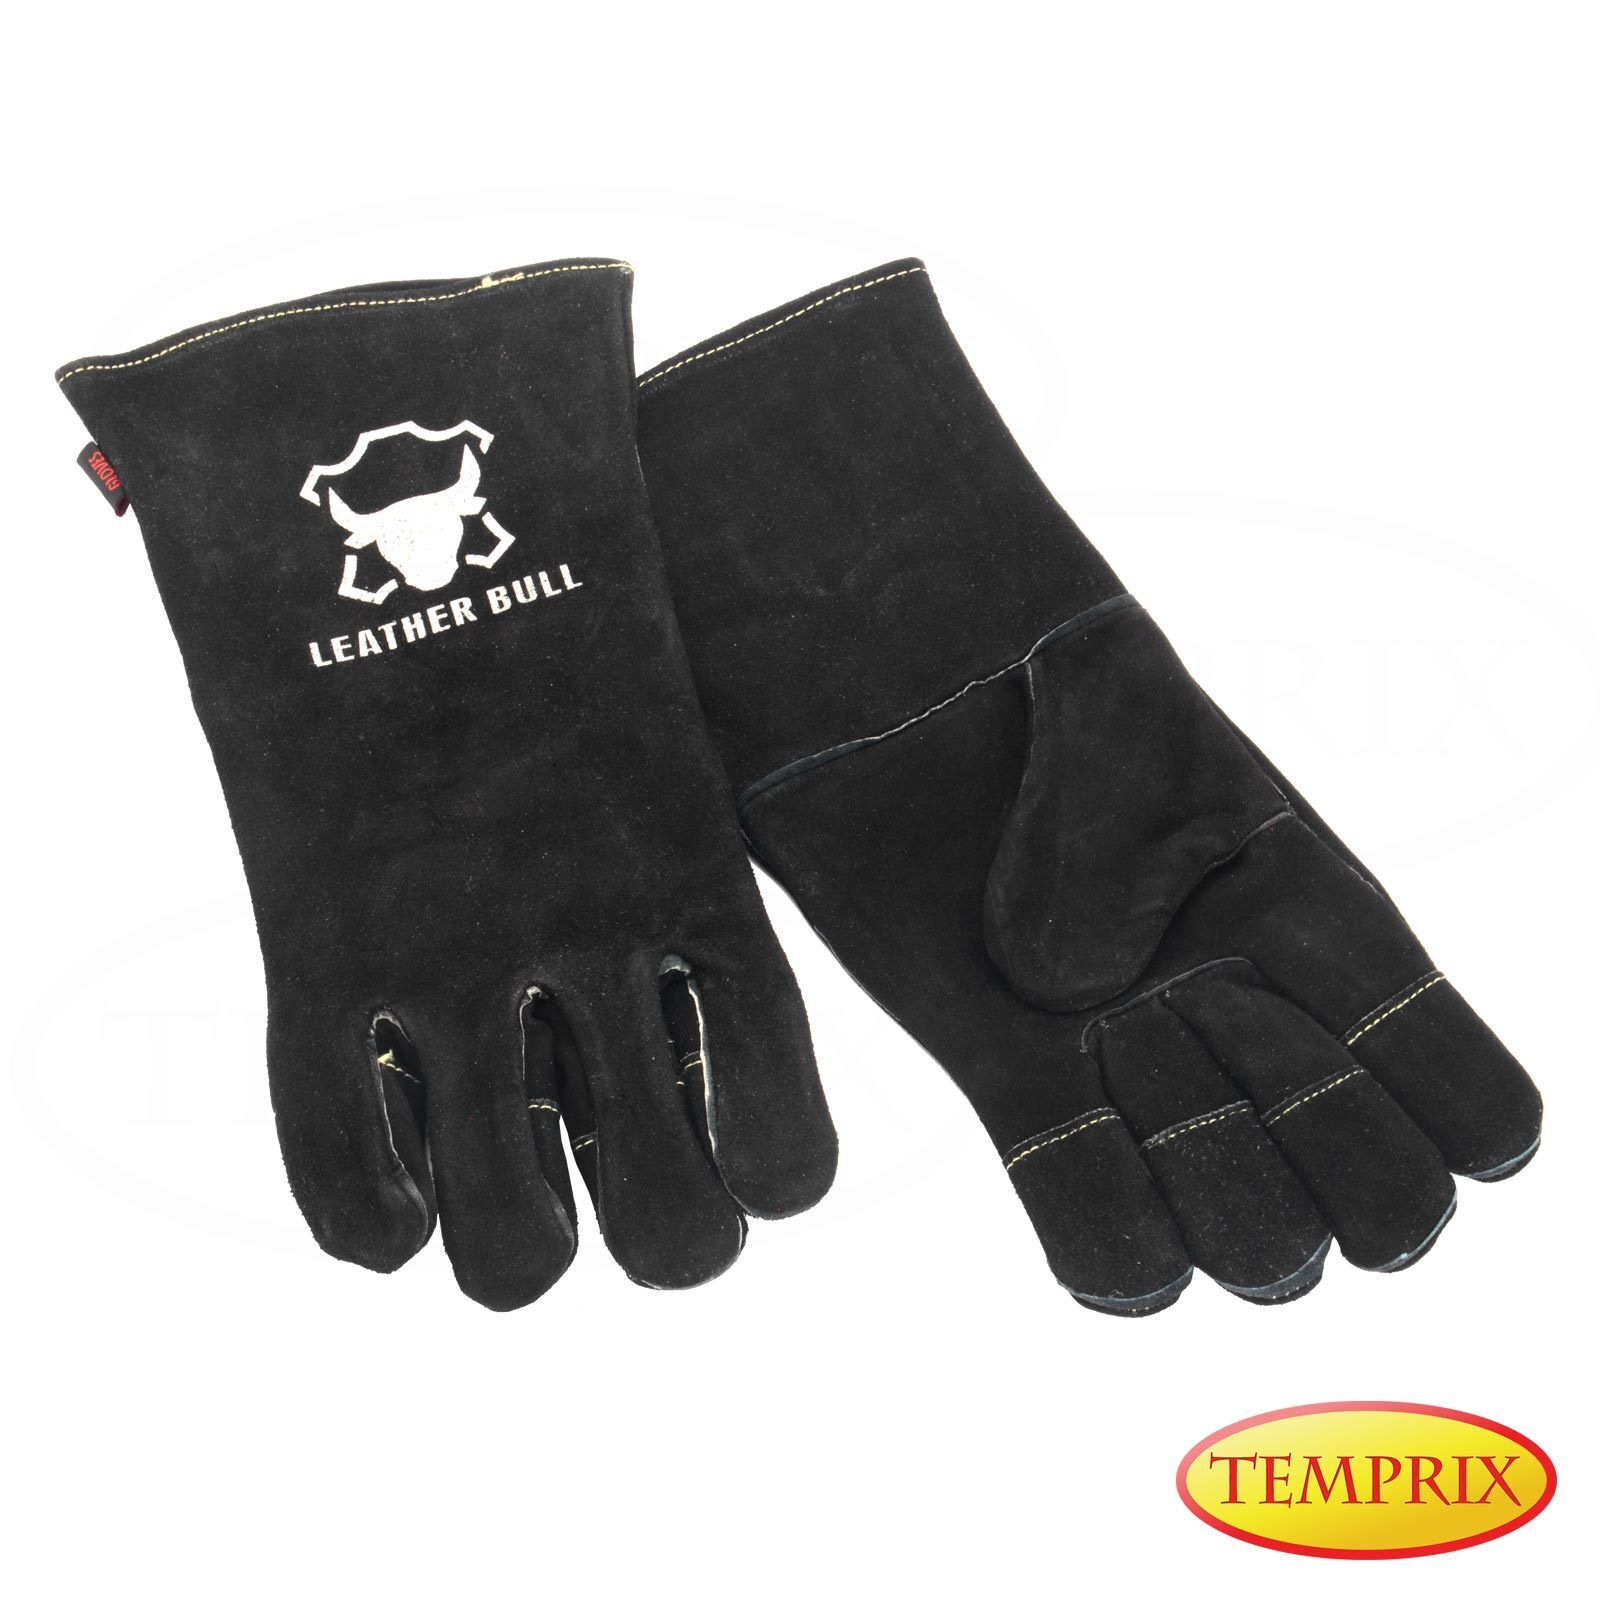 Temprix Kamin, Ofen & Grill Handschuhe | Echtleder | BBQ & Backofen | Schwarz XL